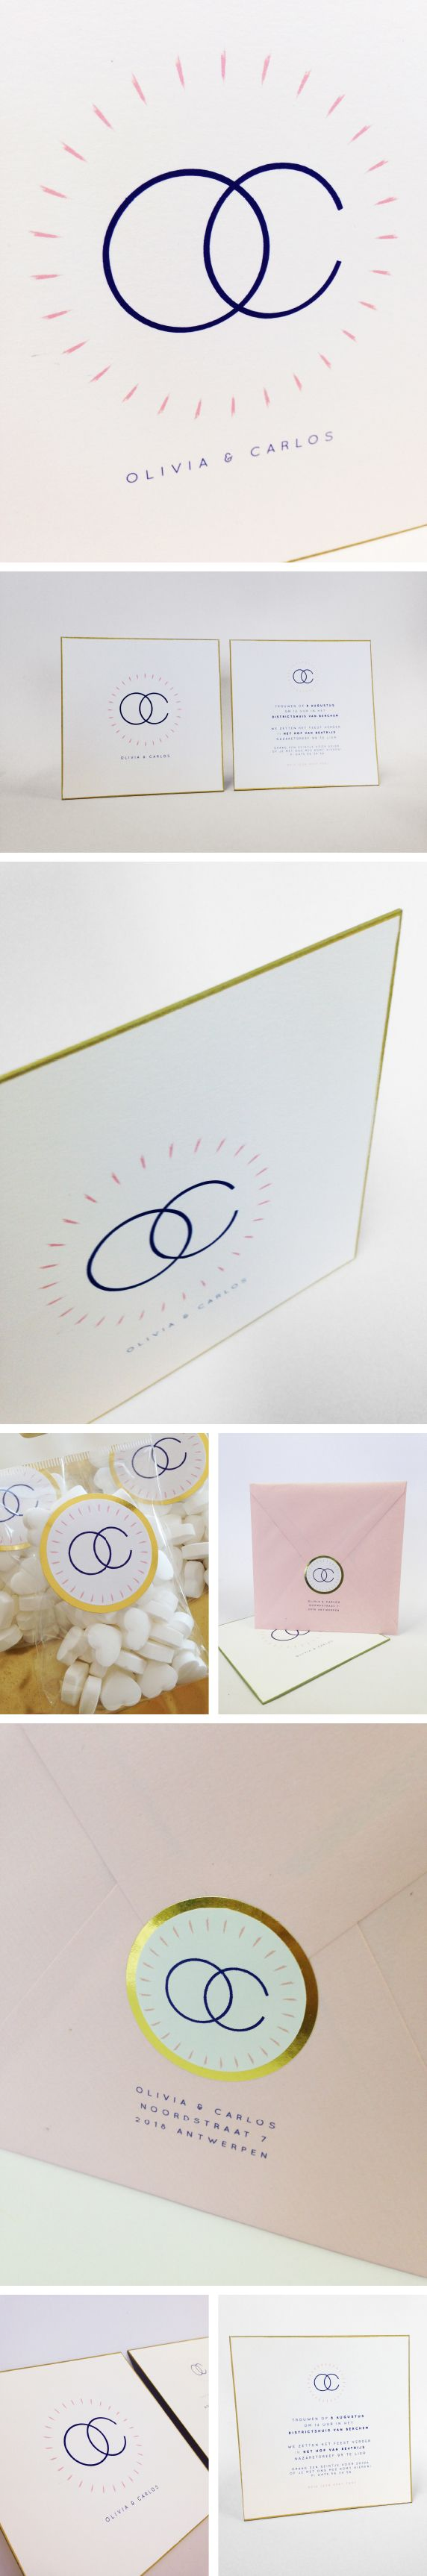 Olivia en Carlos, goud, roos, eenvoud, ringen, logo letters